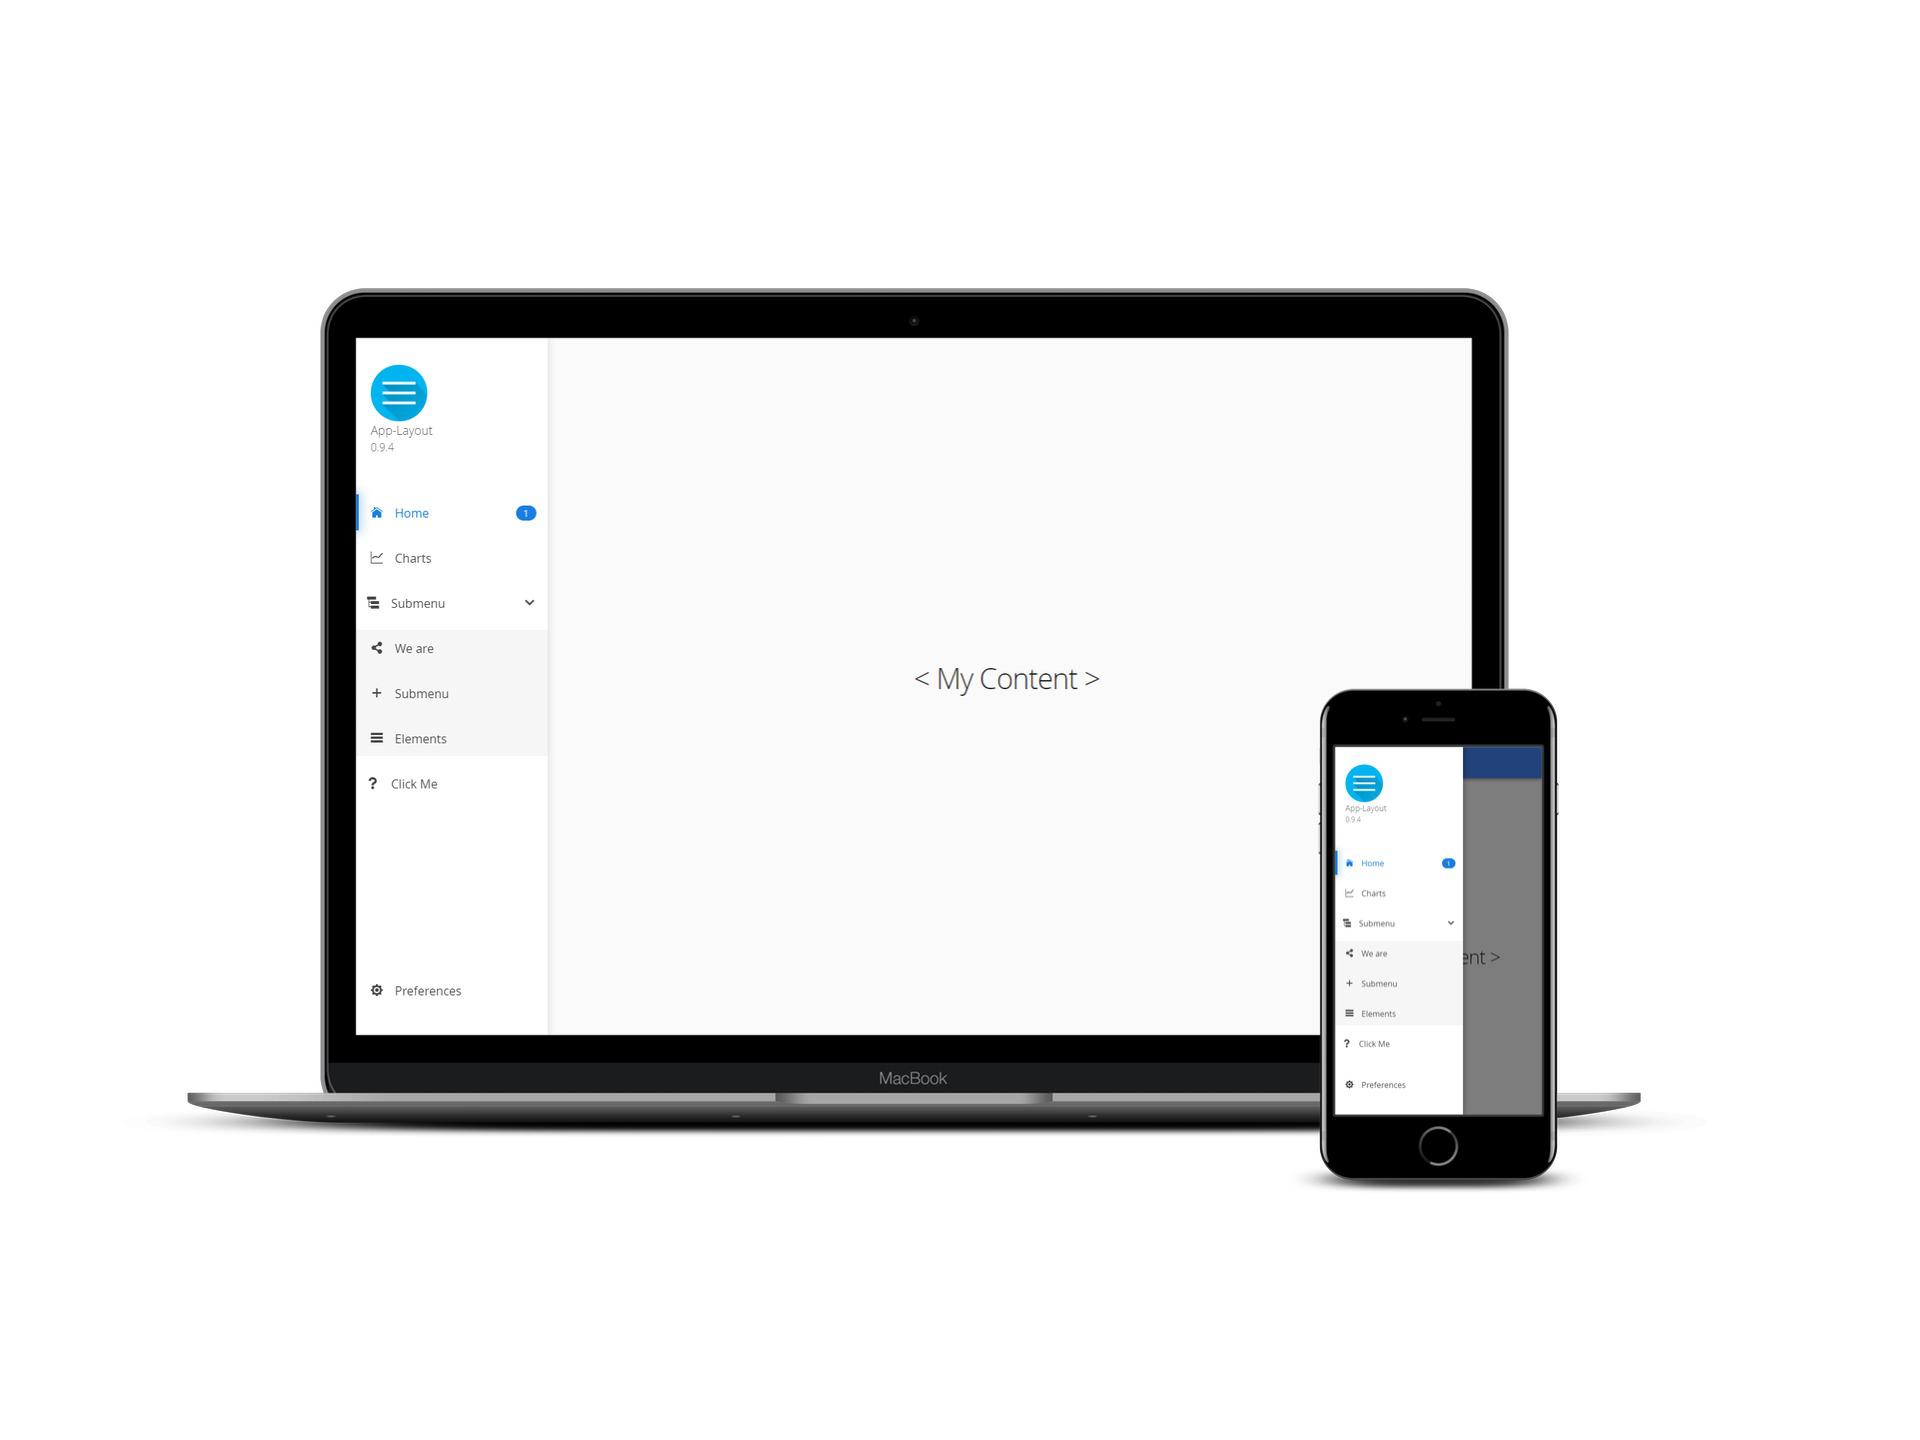 App Layout - Default Design